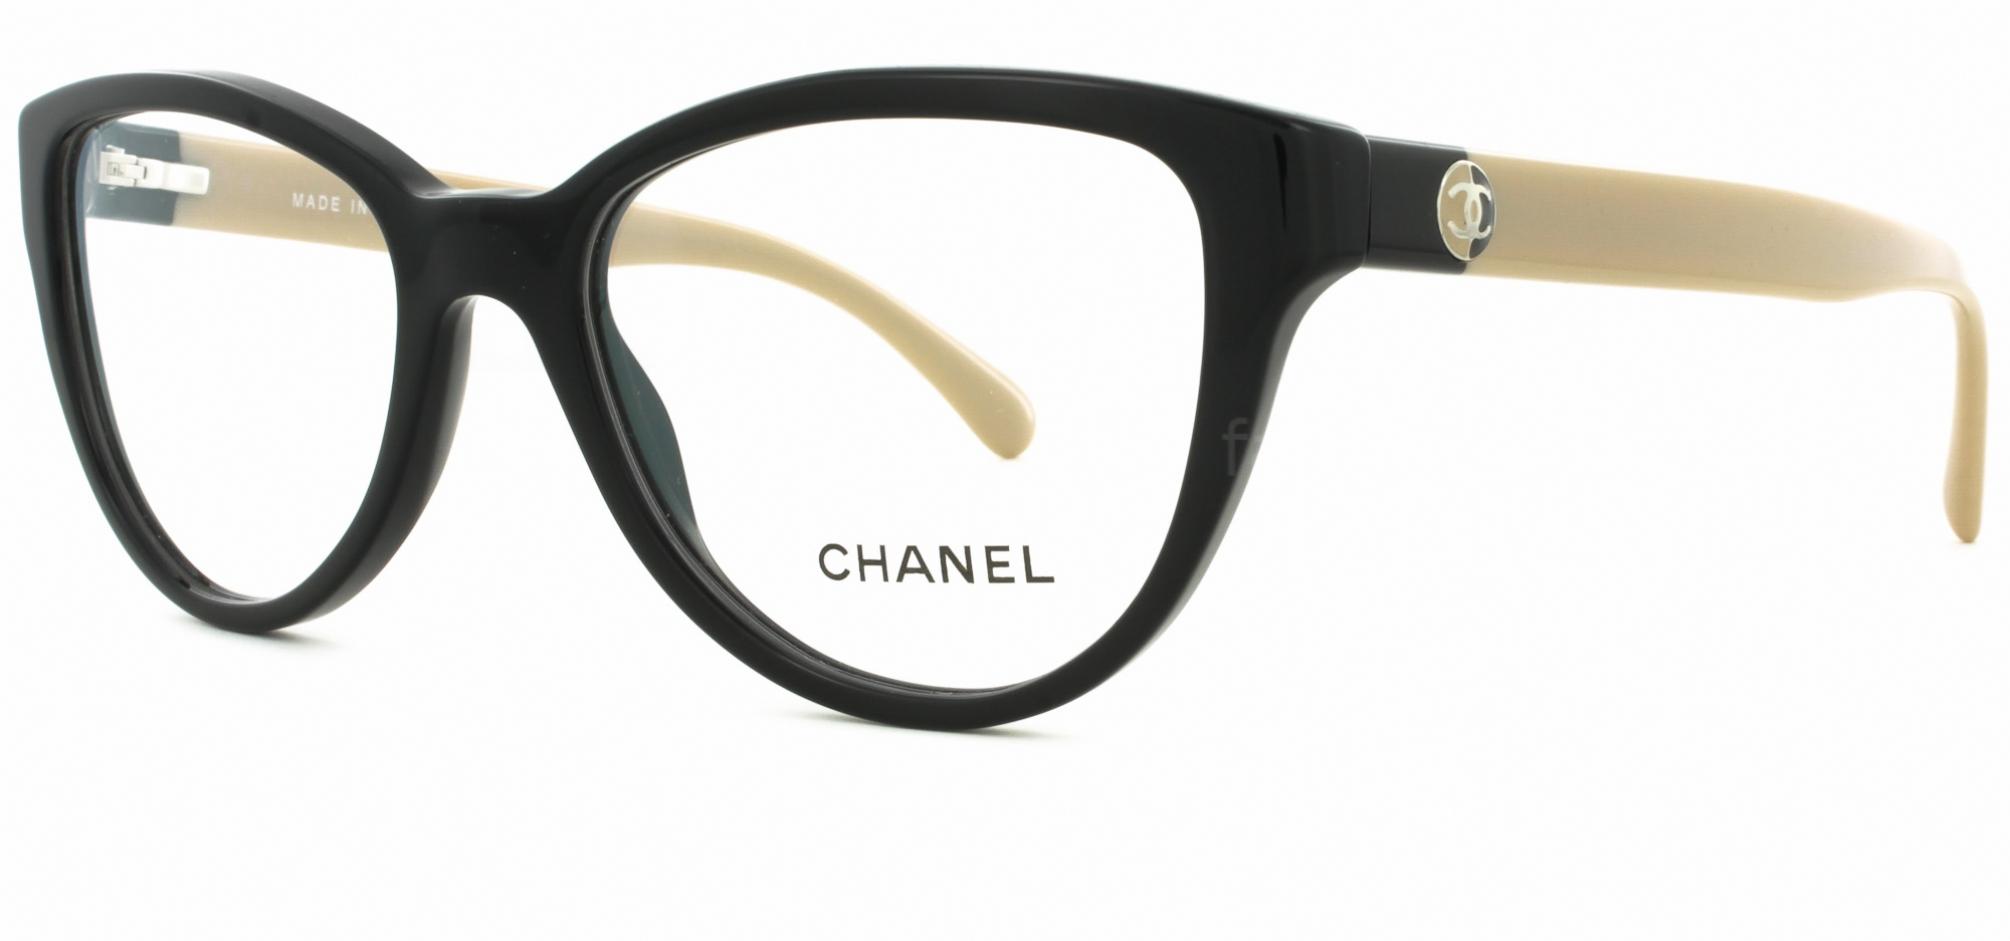 c8ae1724f4c7 Chanel 3315 Eyeglasses